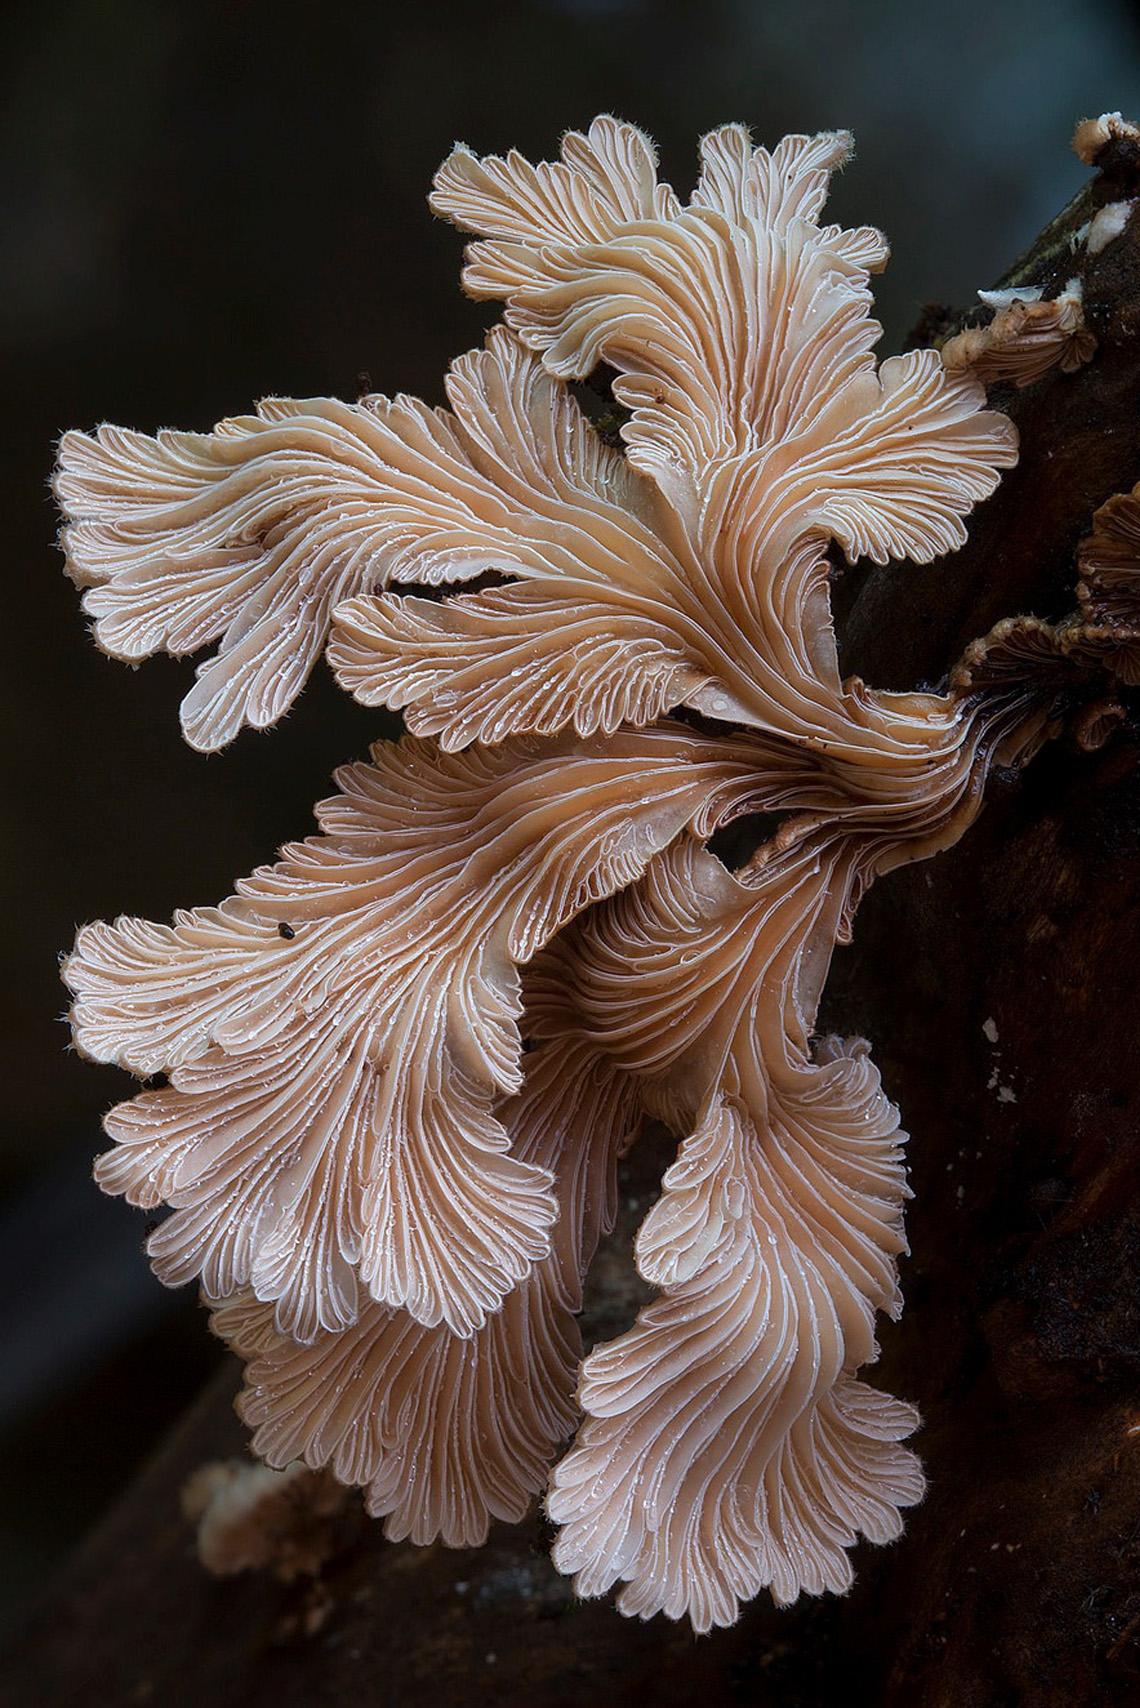 fungi_steve-axford